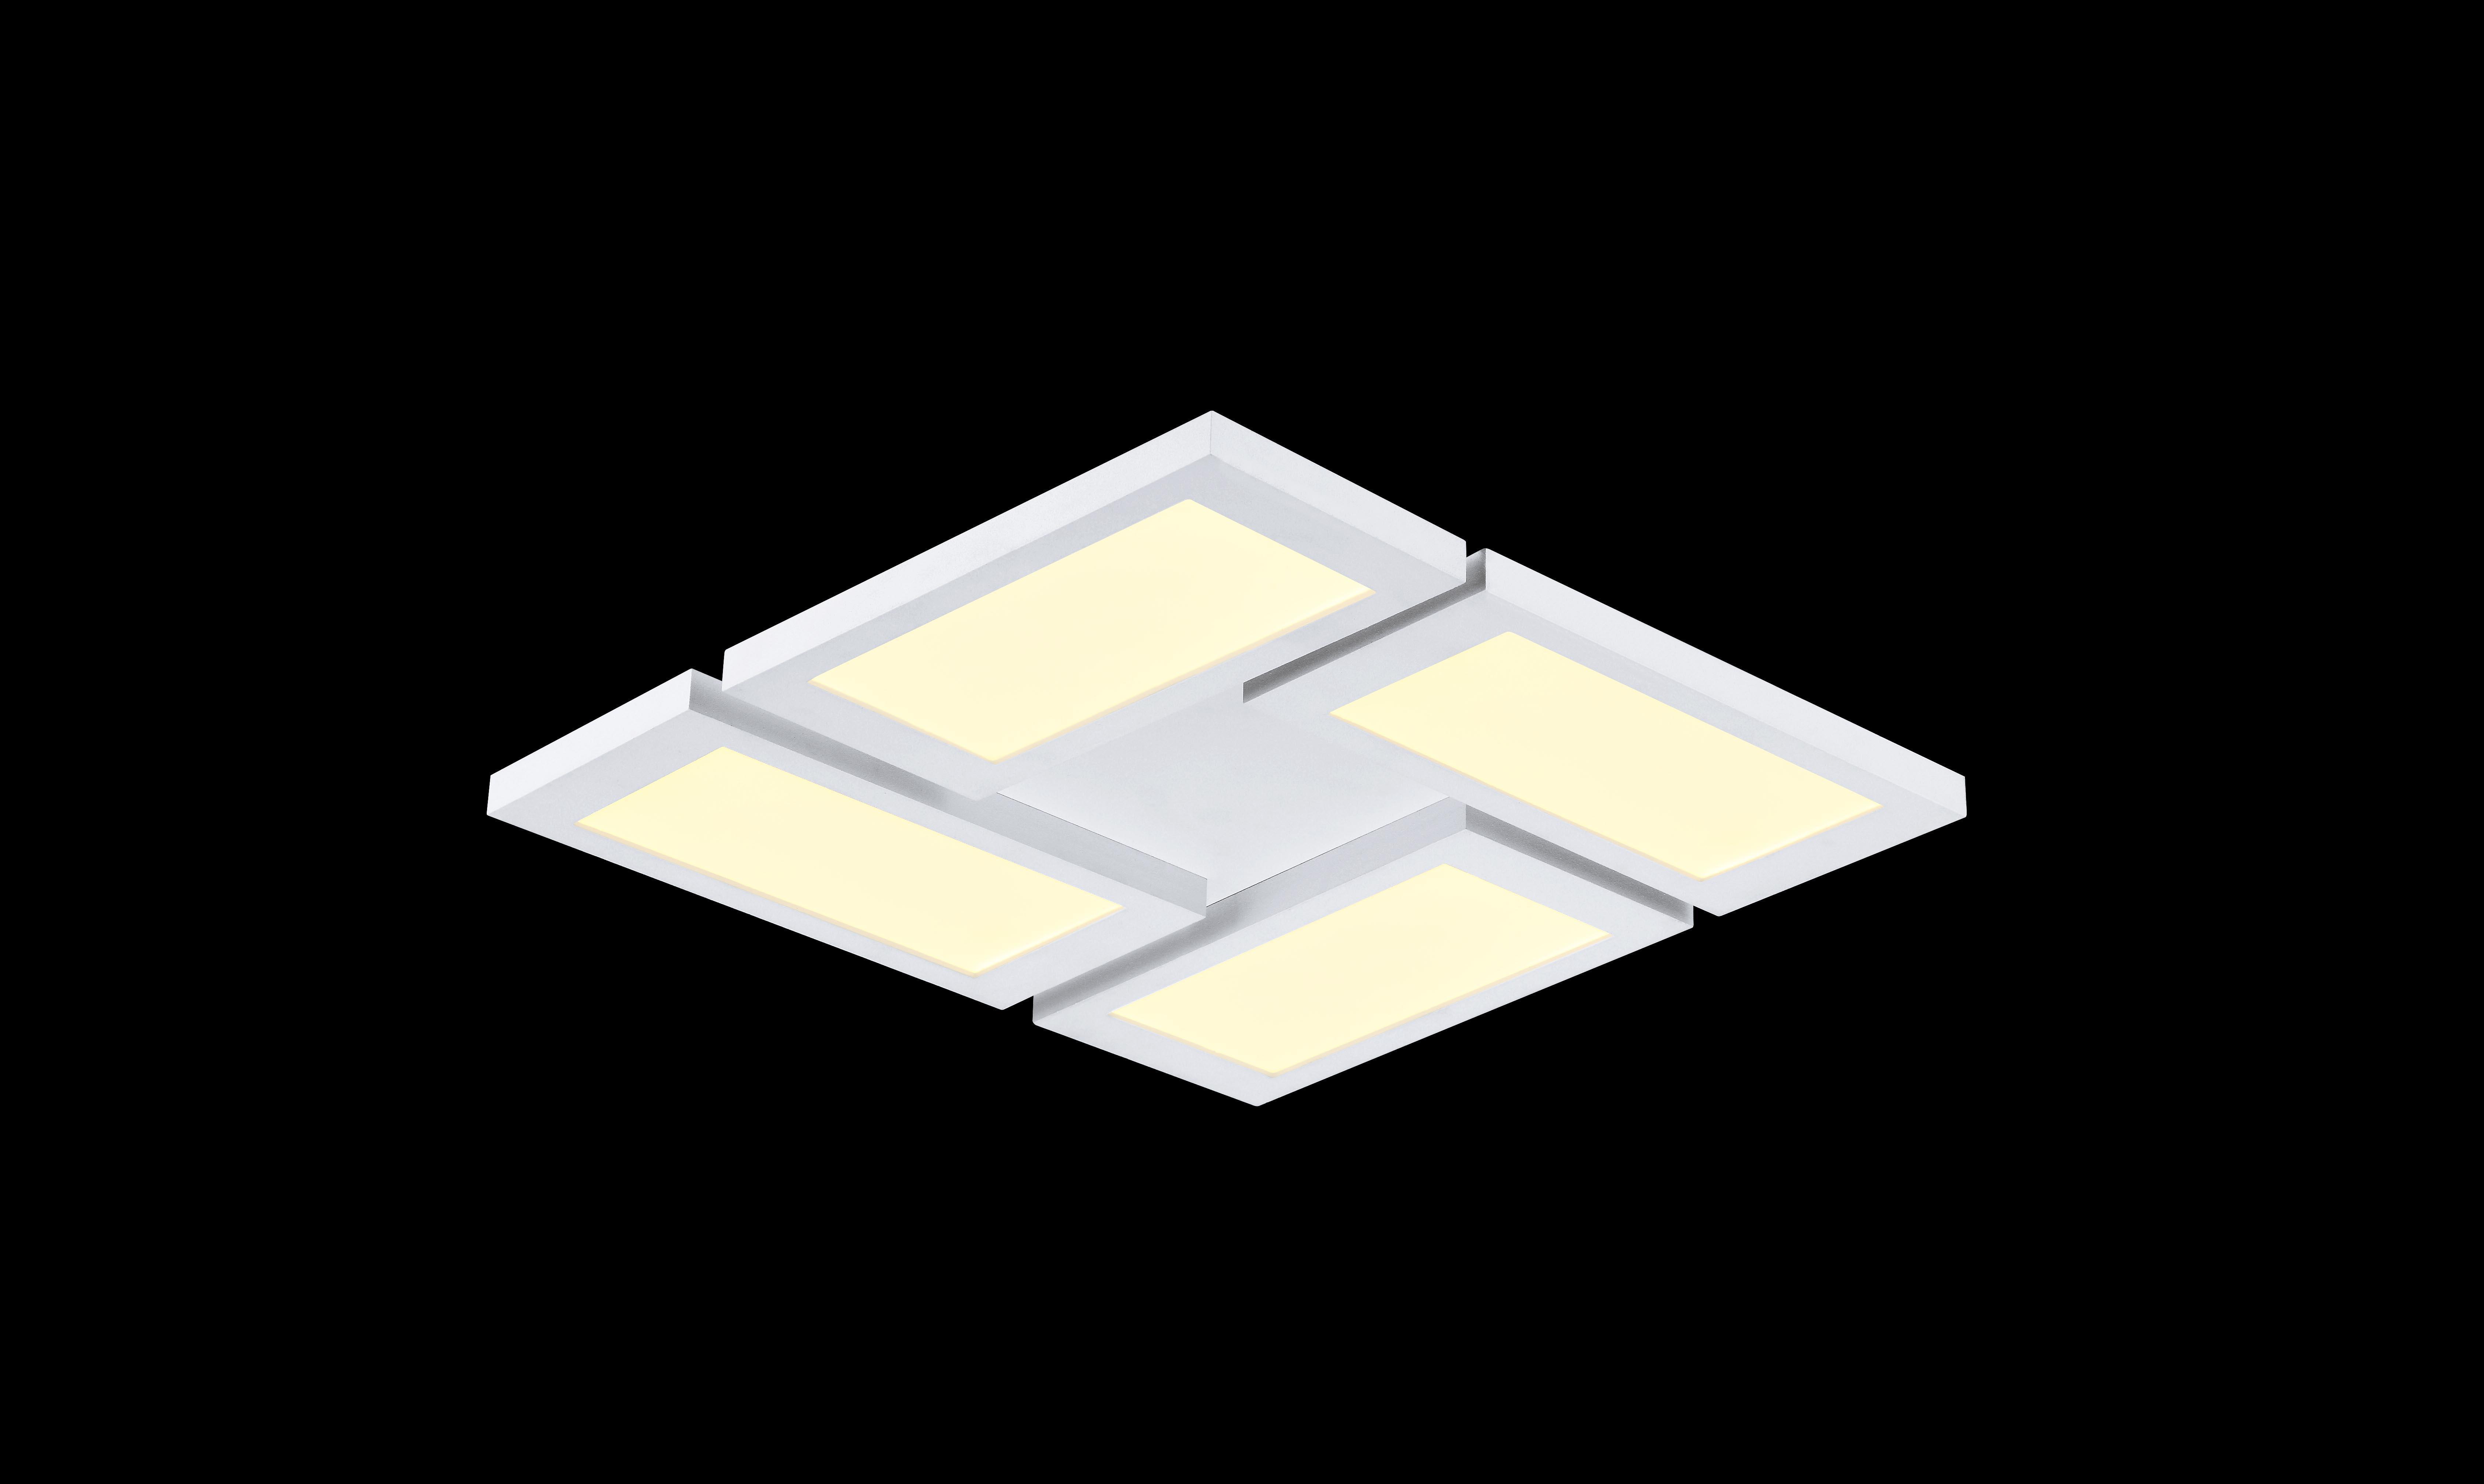 שונות ST18 גוף תאורה לד צמוד תקרה - א.ר שיווק גופי תאורה WT-08